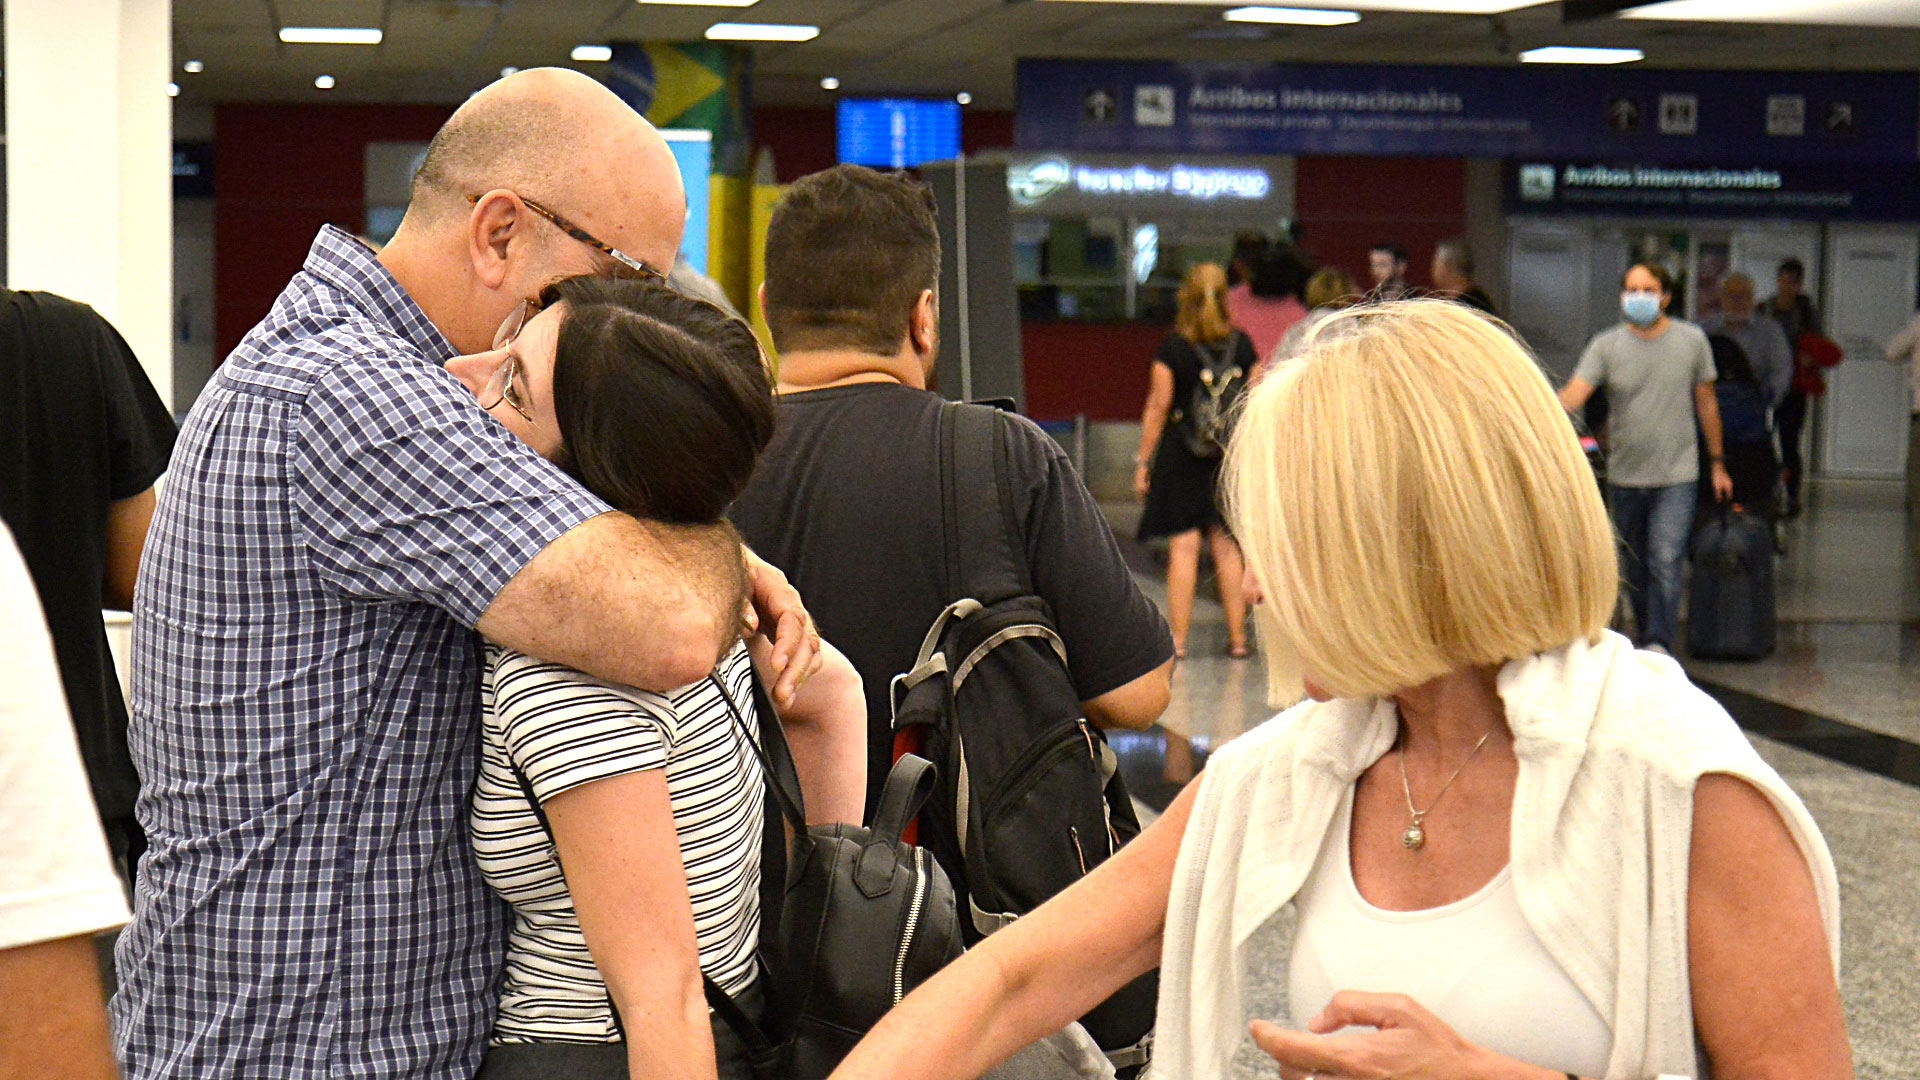 El vuelo 953 de American Airlines aterrizó en Buenos Aires a las 10:45 y, antes de hacer descender a las personas que estaban a bordo, el comandante informó que se había activado el protocolo para asistir a una persona que se sentía mal